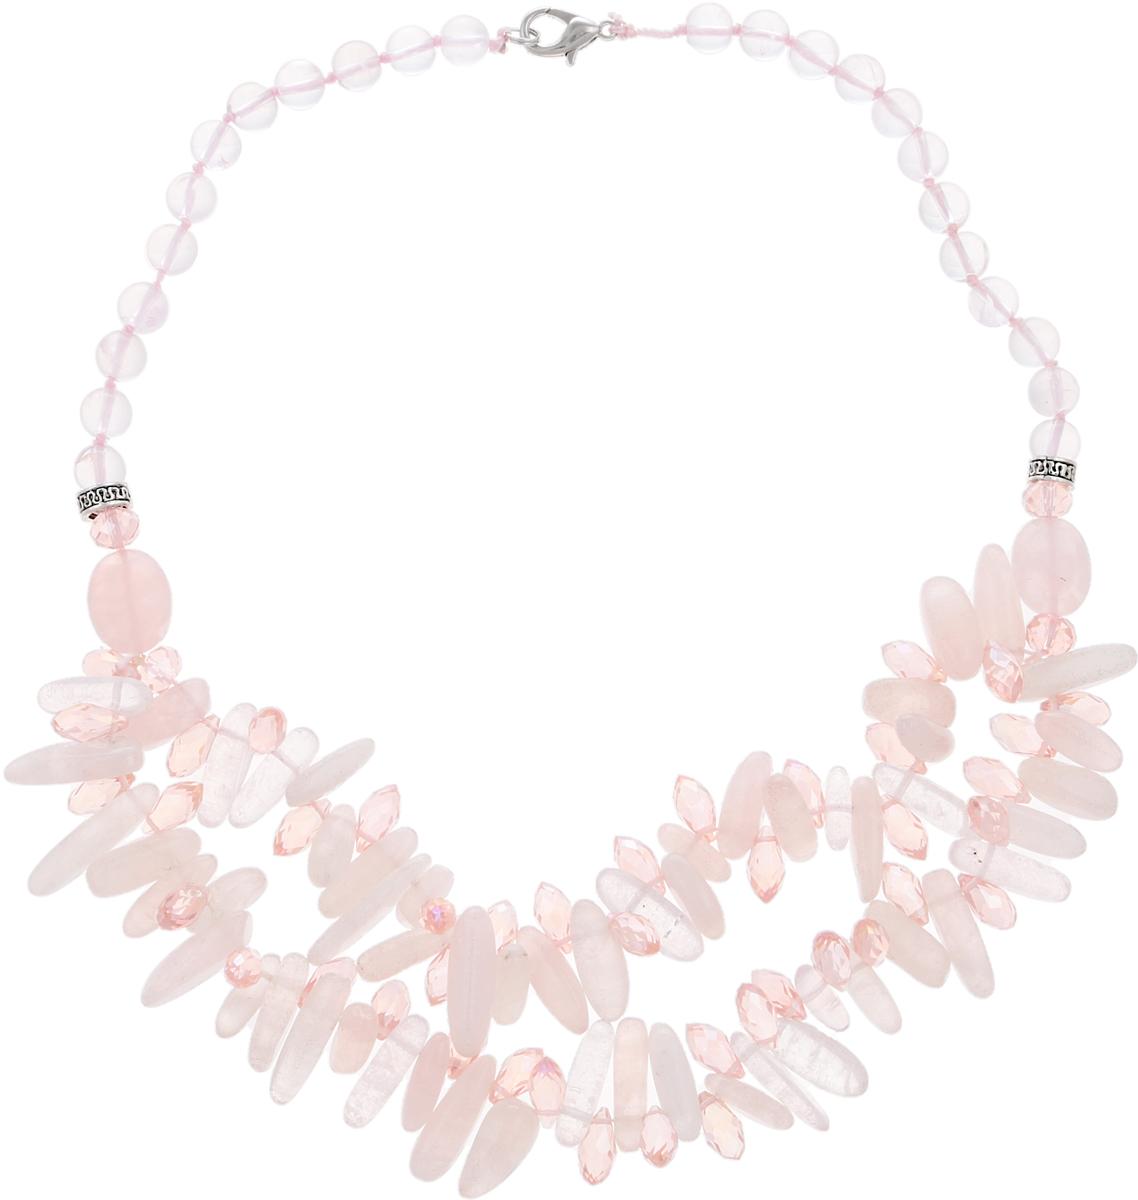 Колье Романтика. Натуральный розовый кварц, бусины. Индия10102581Колье Романтика. Натуральный розовый кварц, бусины. Индия. Размер - полная длина 46 см.